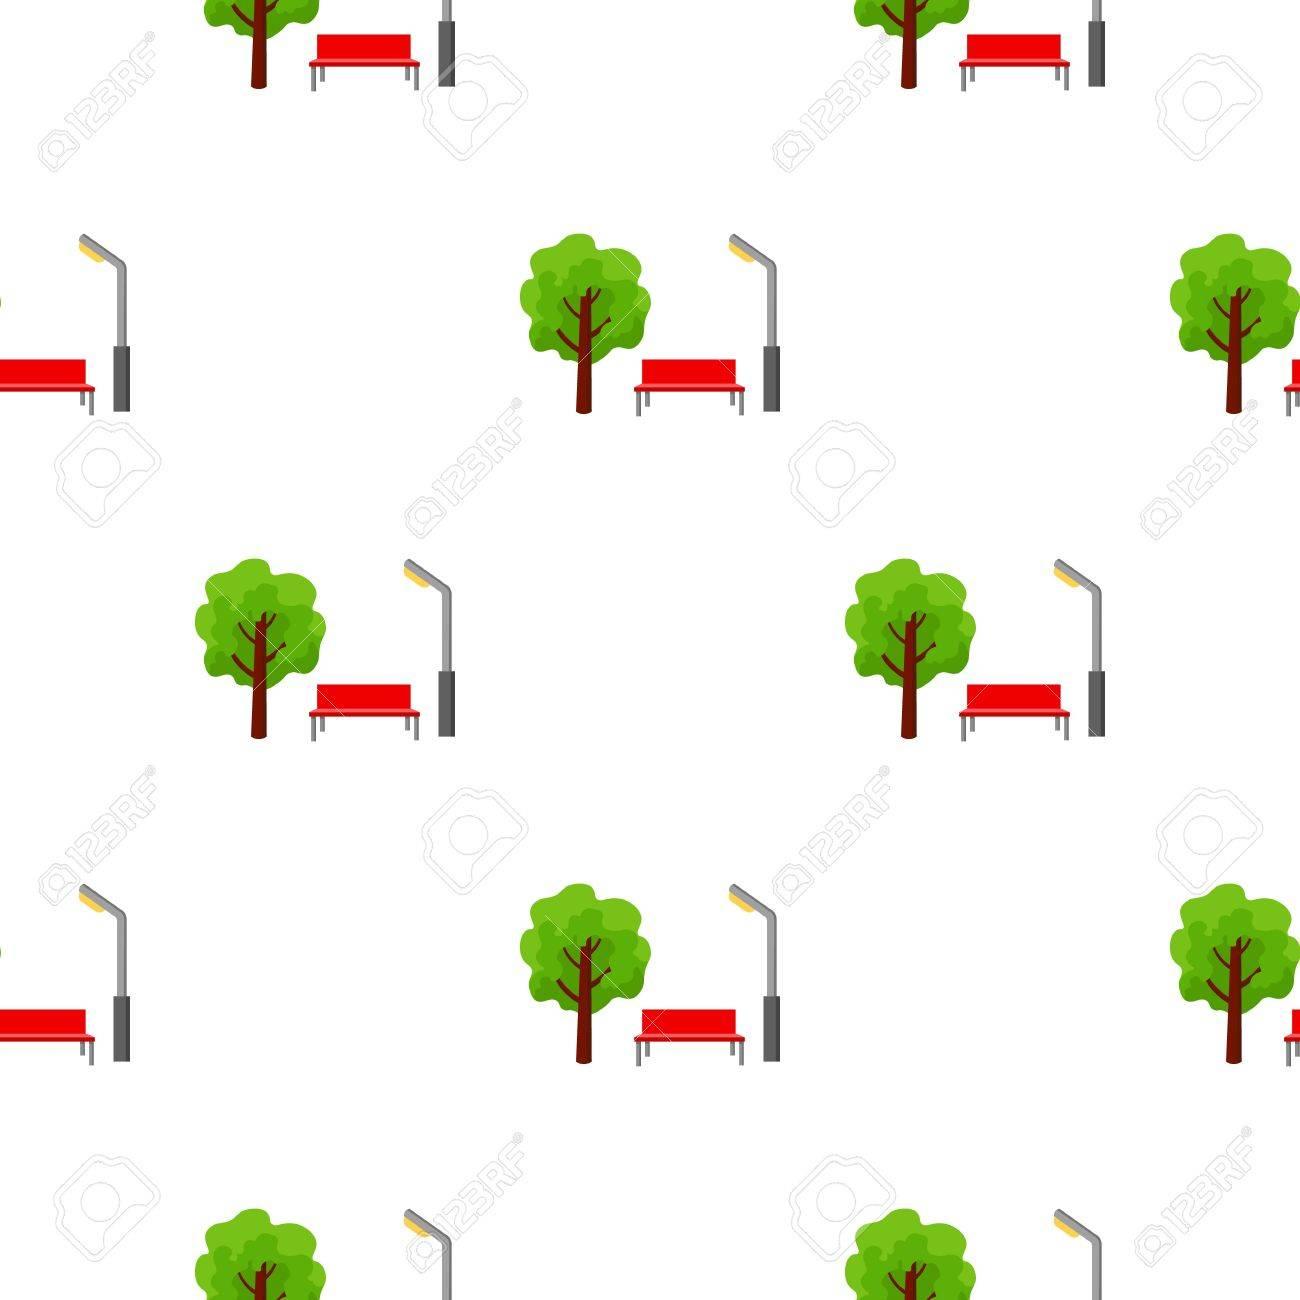 Icône De Parc En Style Cartoon Isolé Sur Fond Blanc. Jouer Au Jeu Gratuit  Jardin Modèle Vector. pour Jeux De Jardinage Gratuit